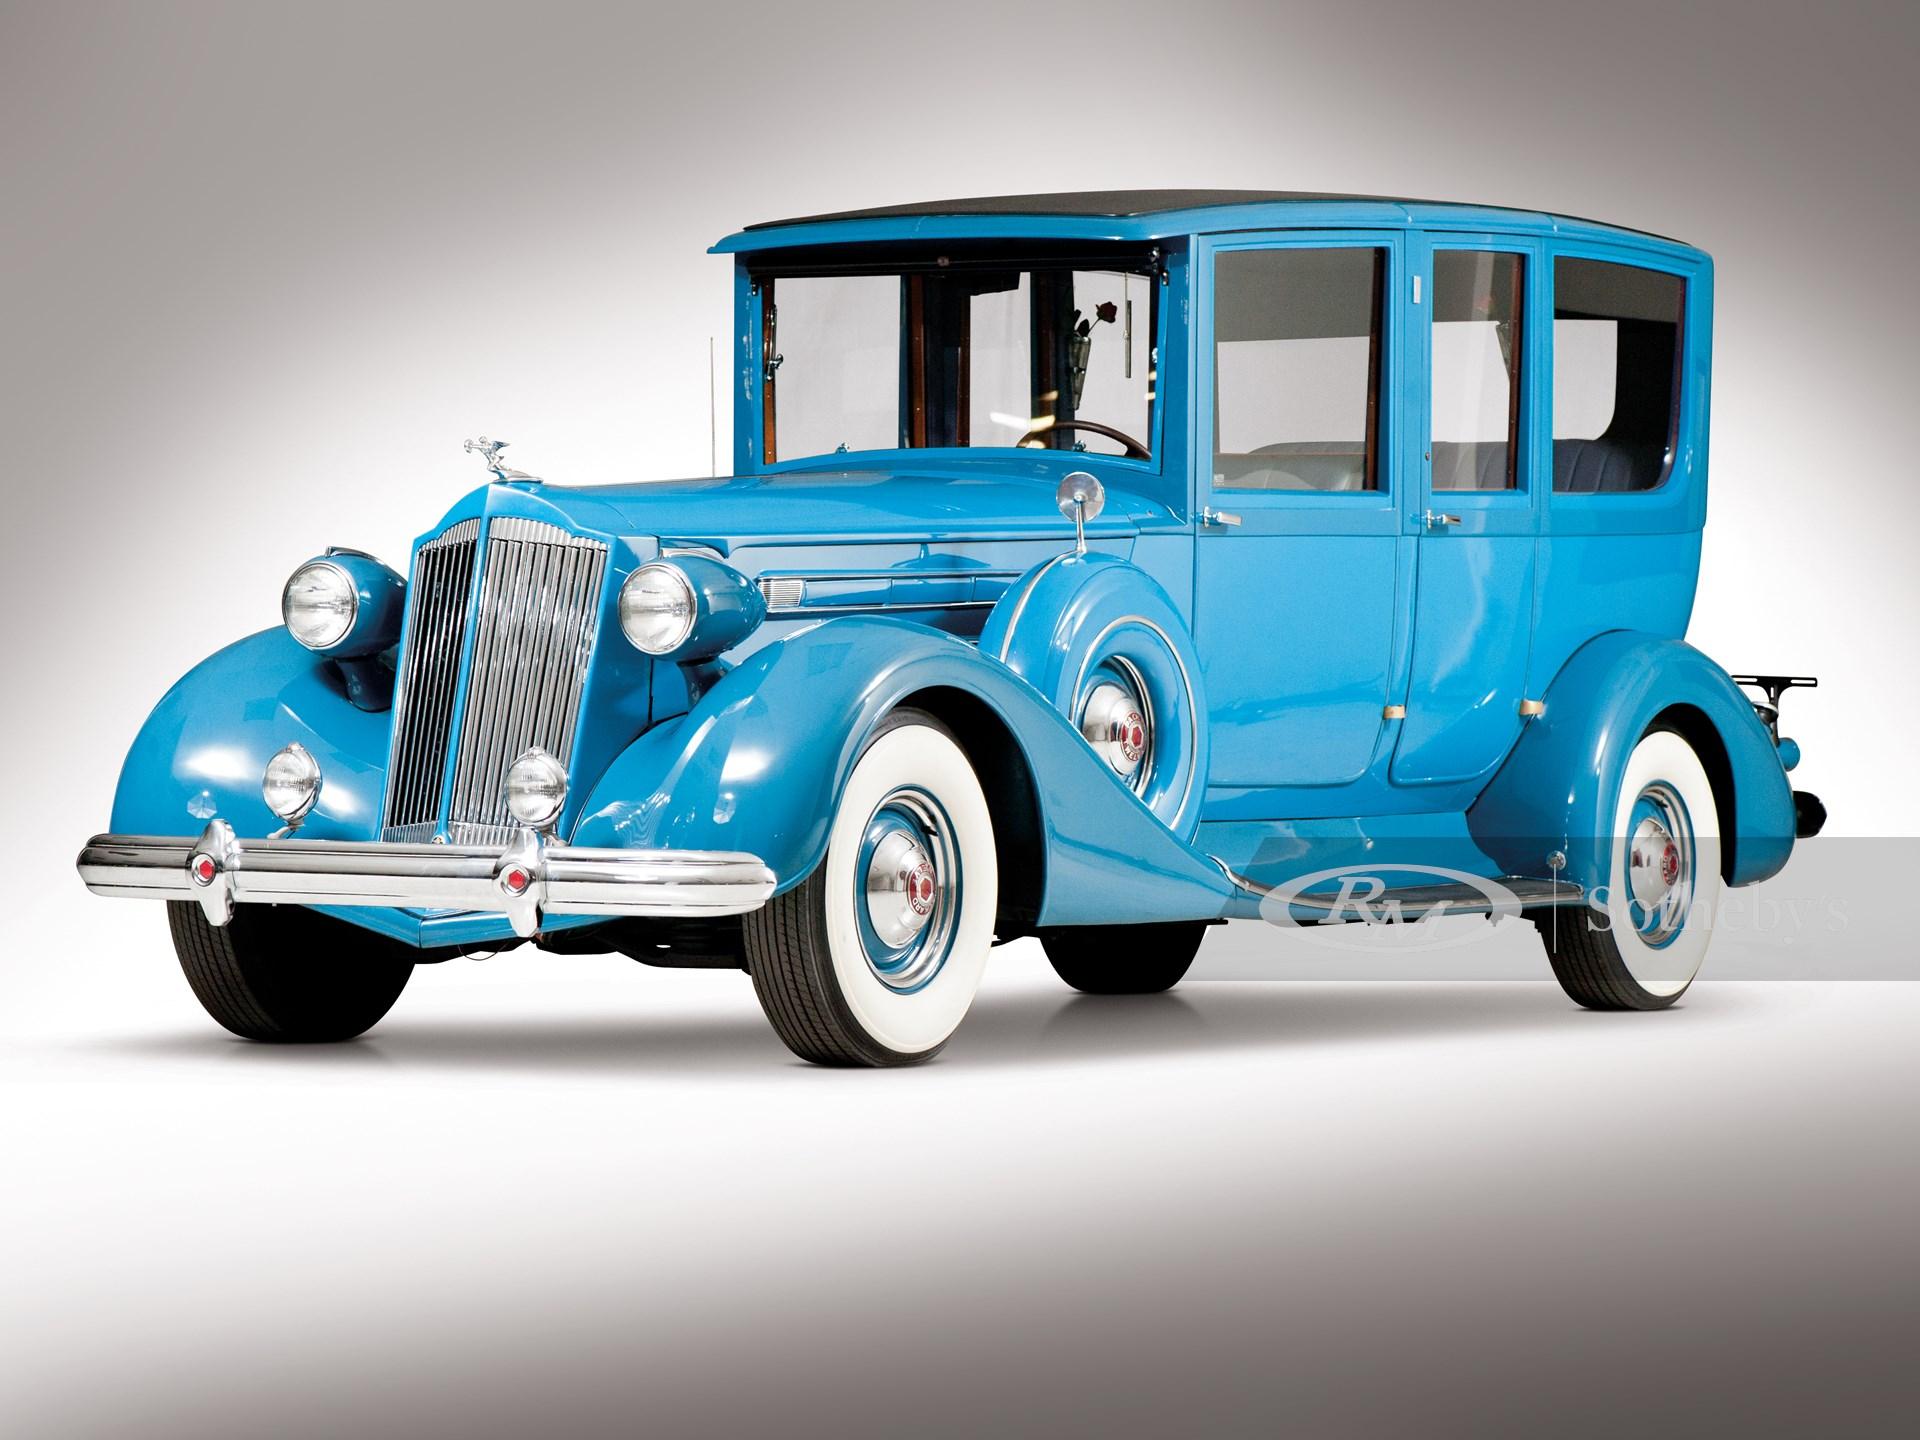 1937 Packard Twelve Seven-Passenger Limousine